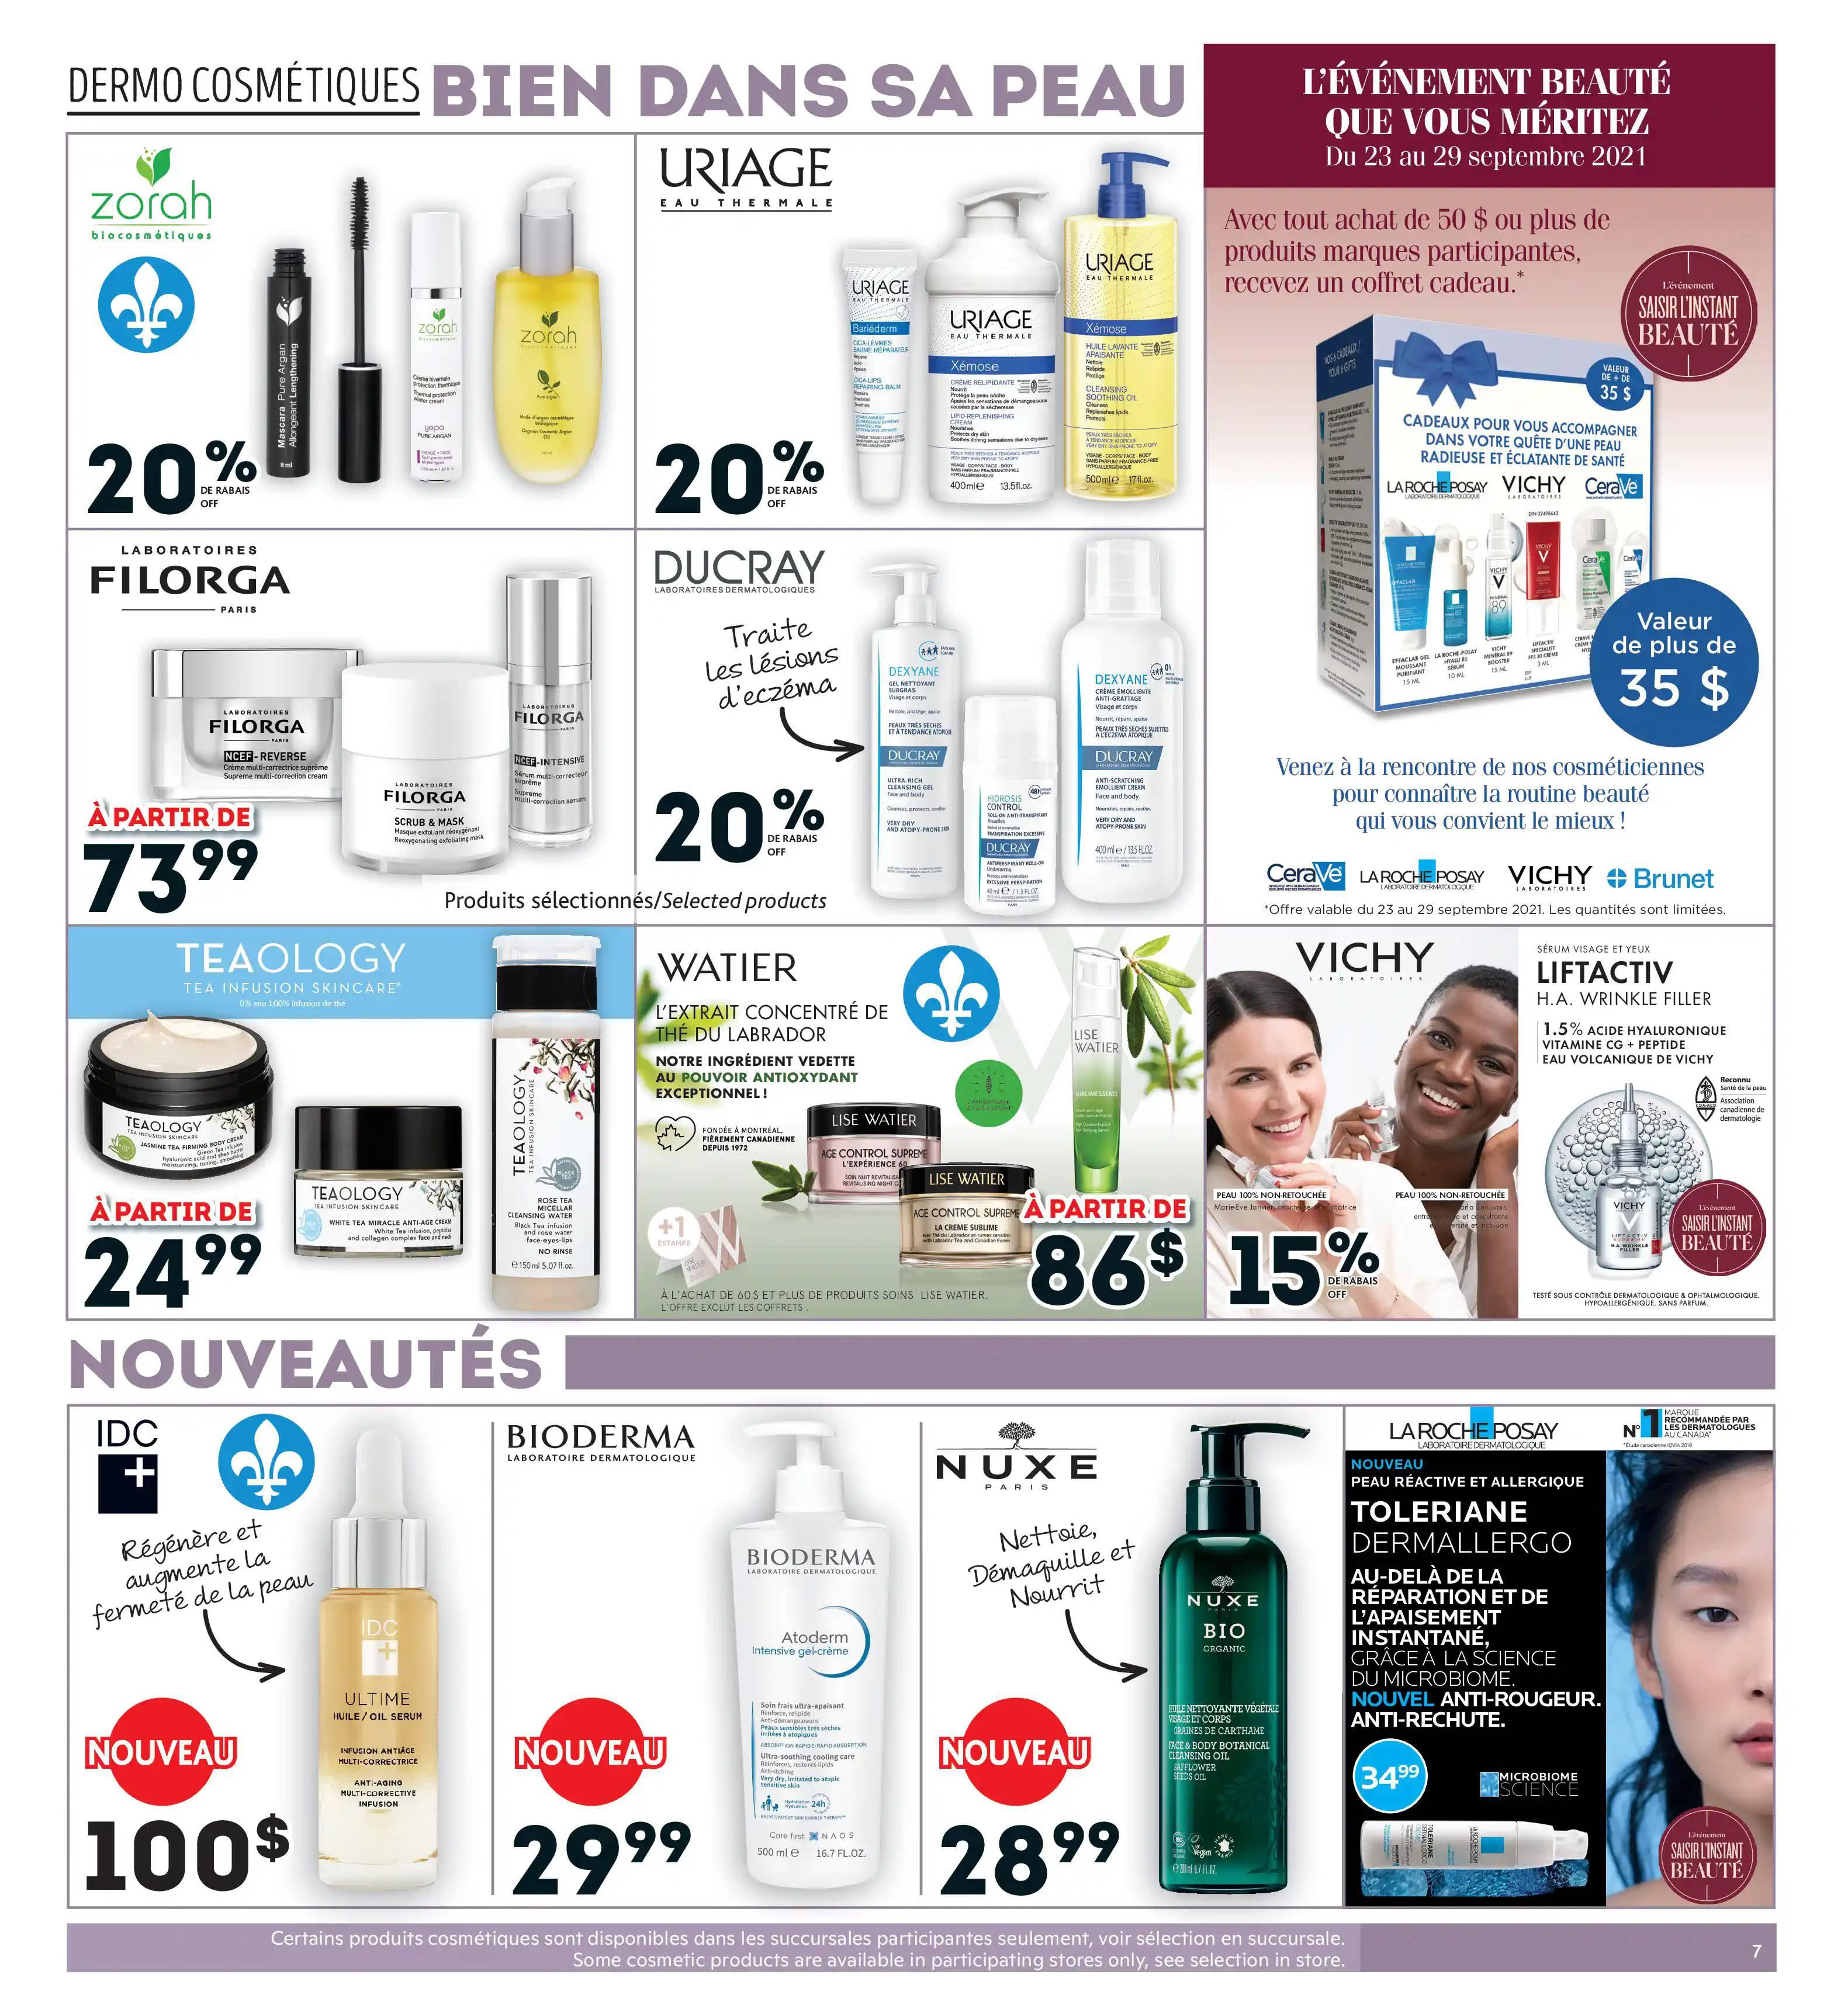 Circulaire Brunet - Pharmacie du 23 au 29 Septembre 2021 - Page 7